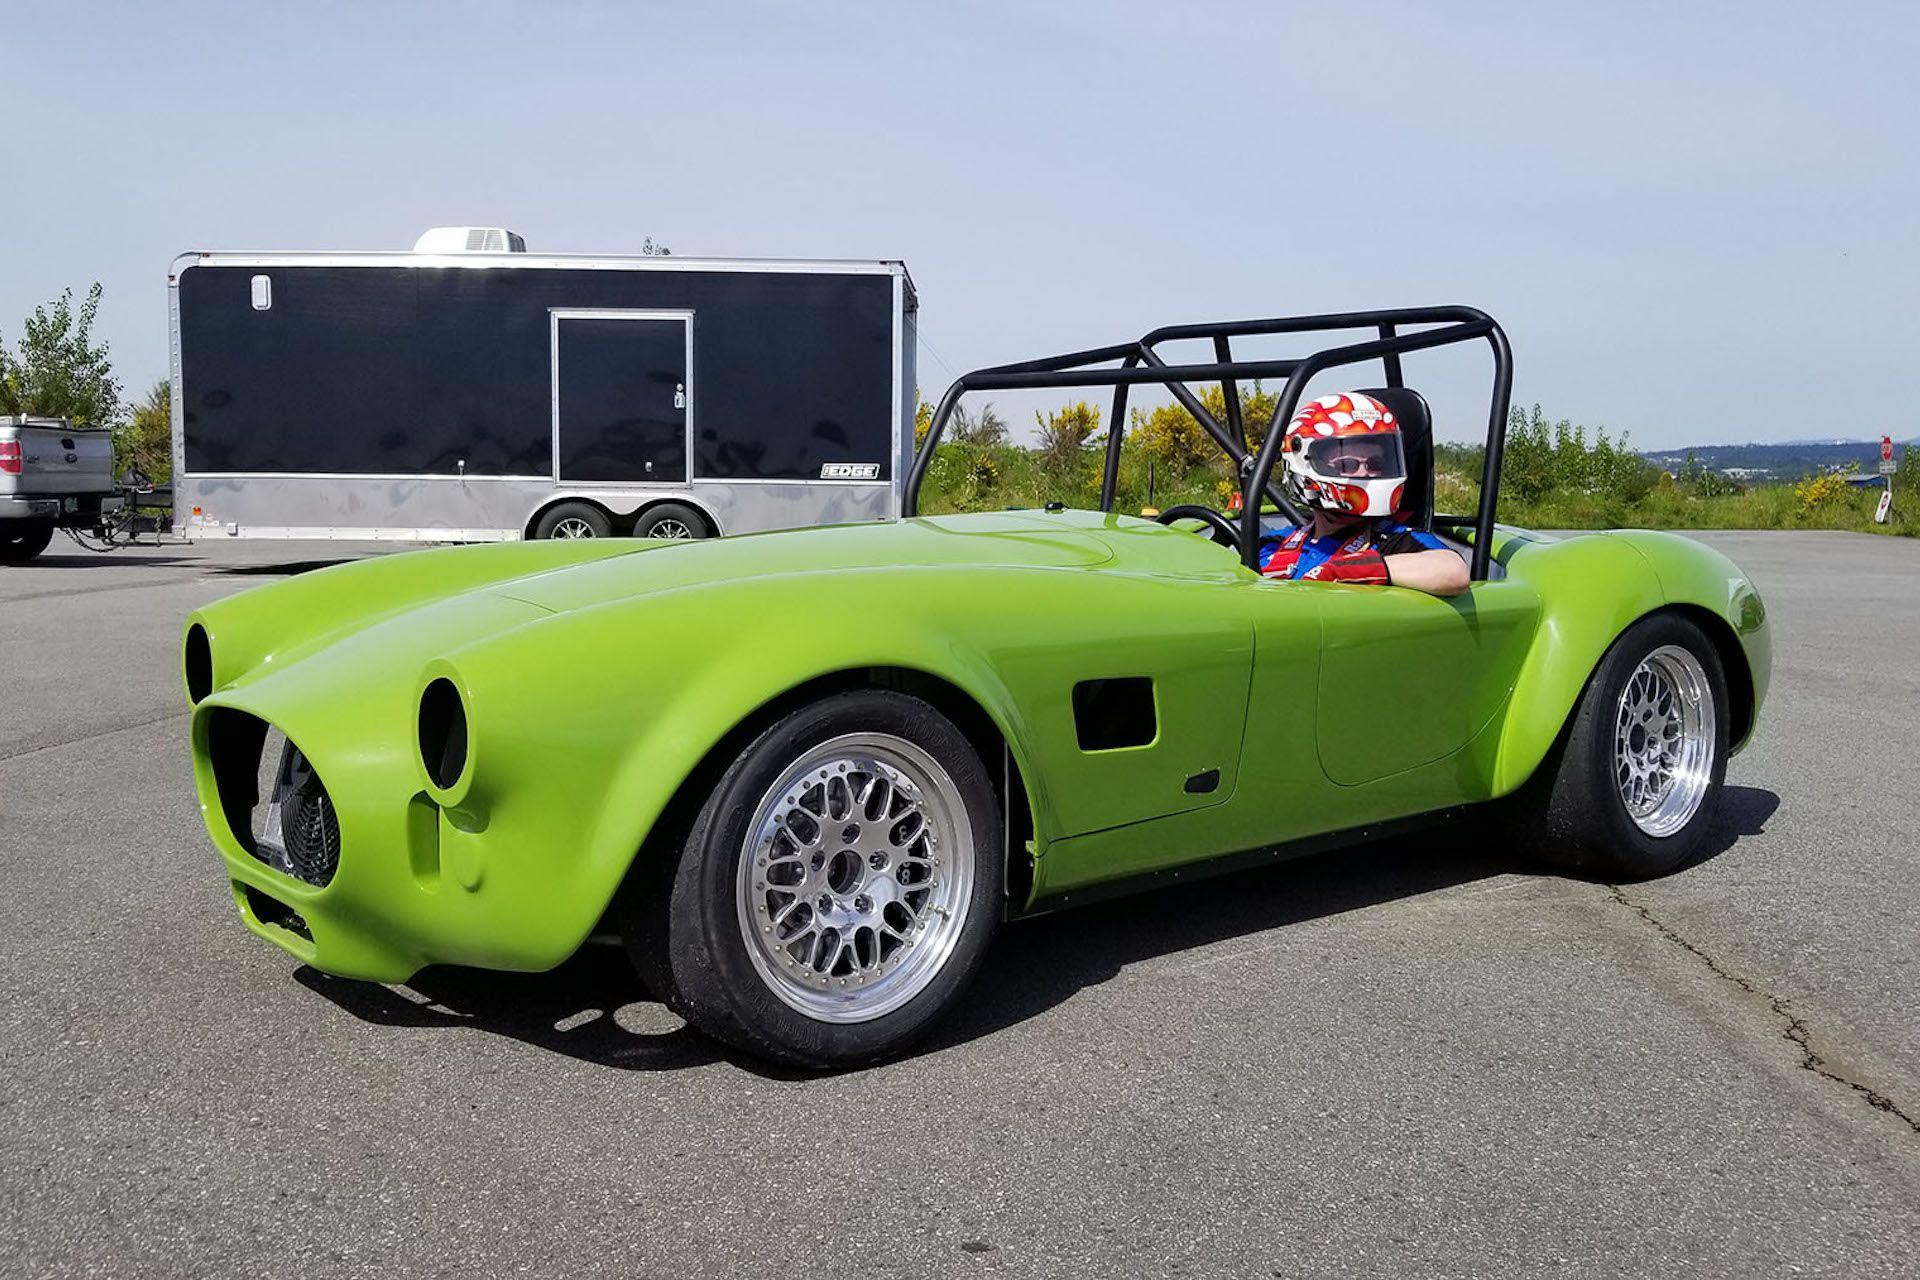 Tesla motor, Shelby Cobra body, Kia battery: watch electric